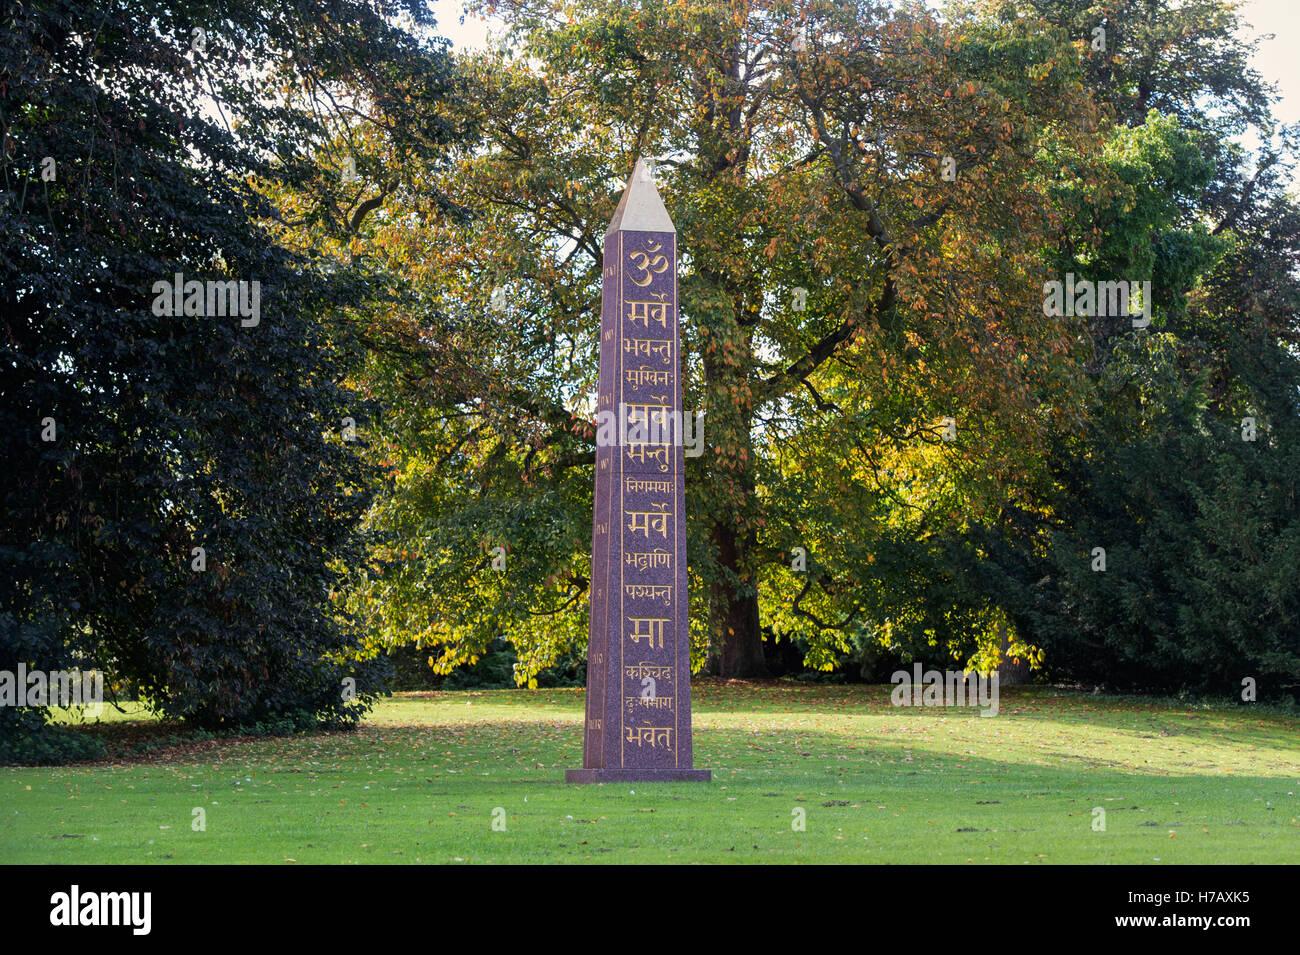 Om e Sanscrito sulla pace Obelisco a Waterperry giardini in autunno, Wheatley, Oxfordshire. Regno Unito Immagini Stock